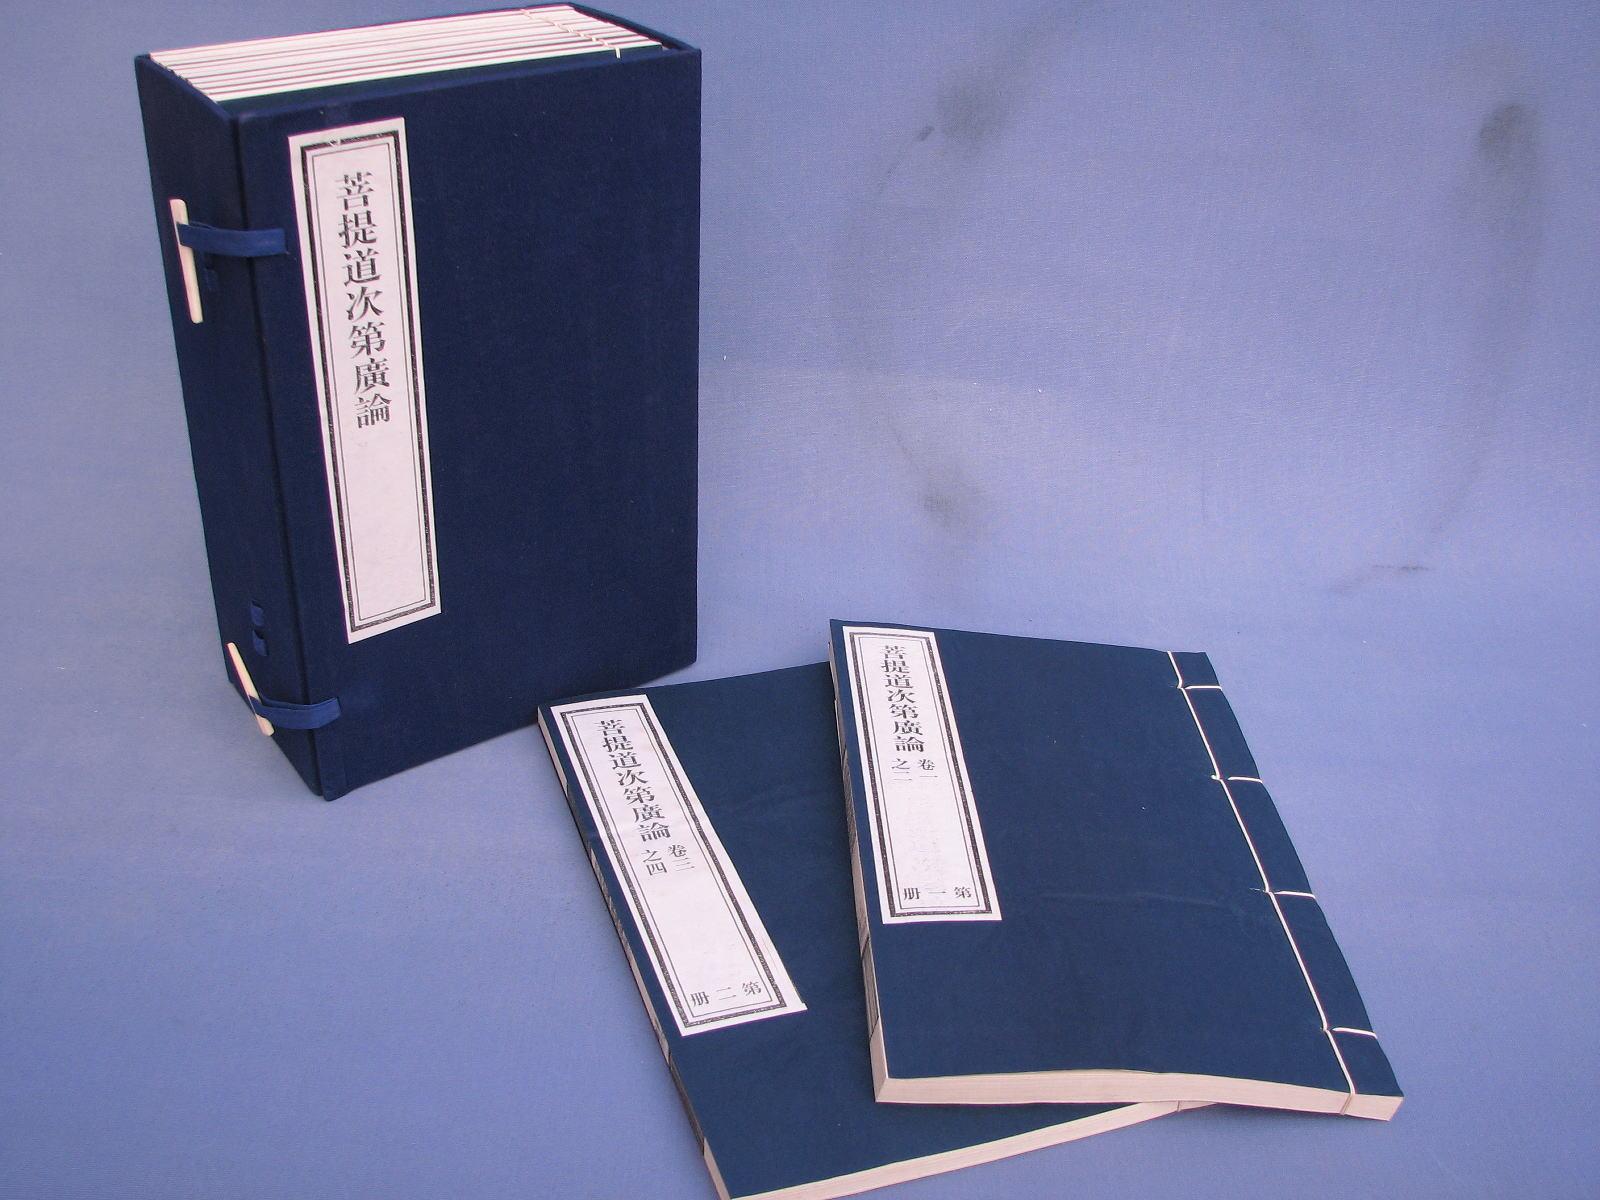 菩提道次第廣論(24巻)(十二冊、函套)